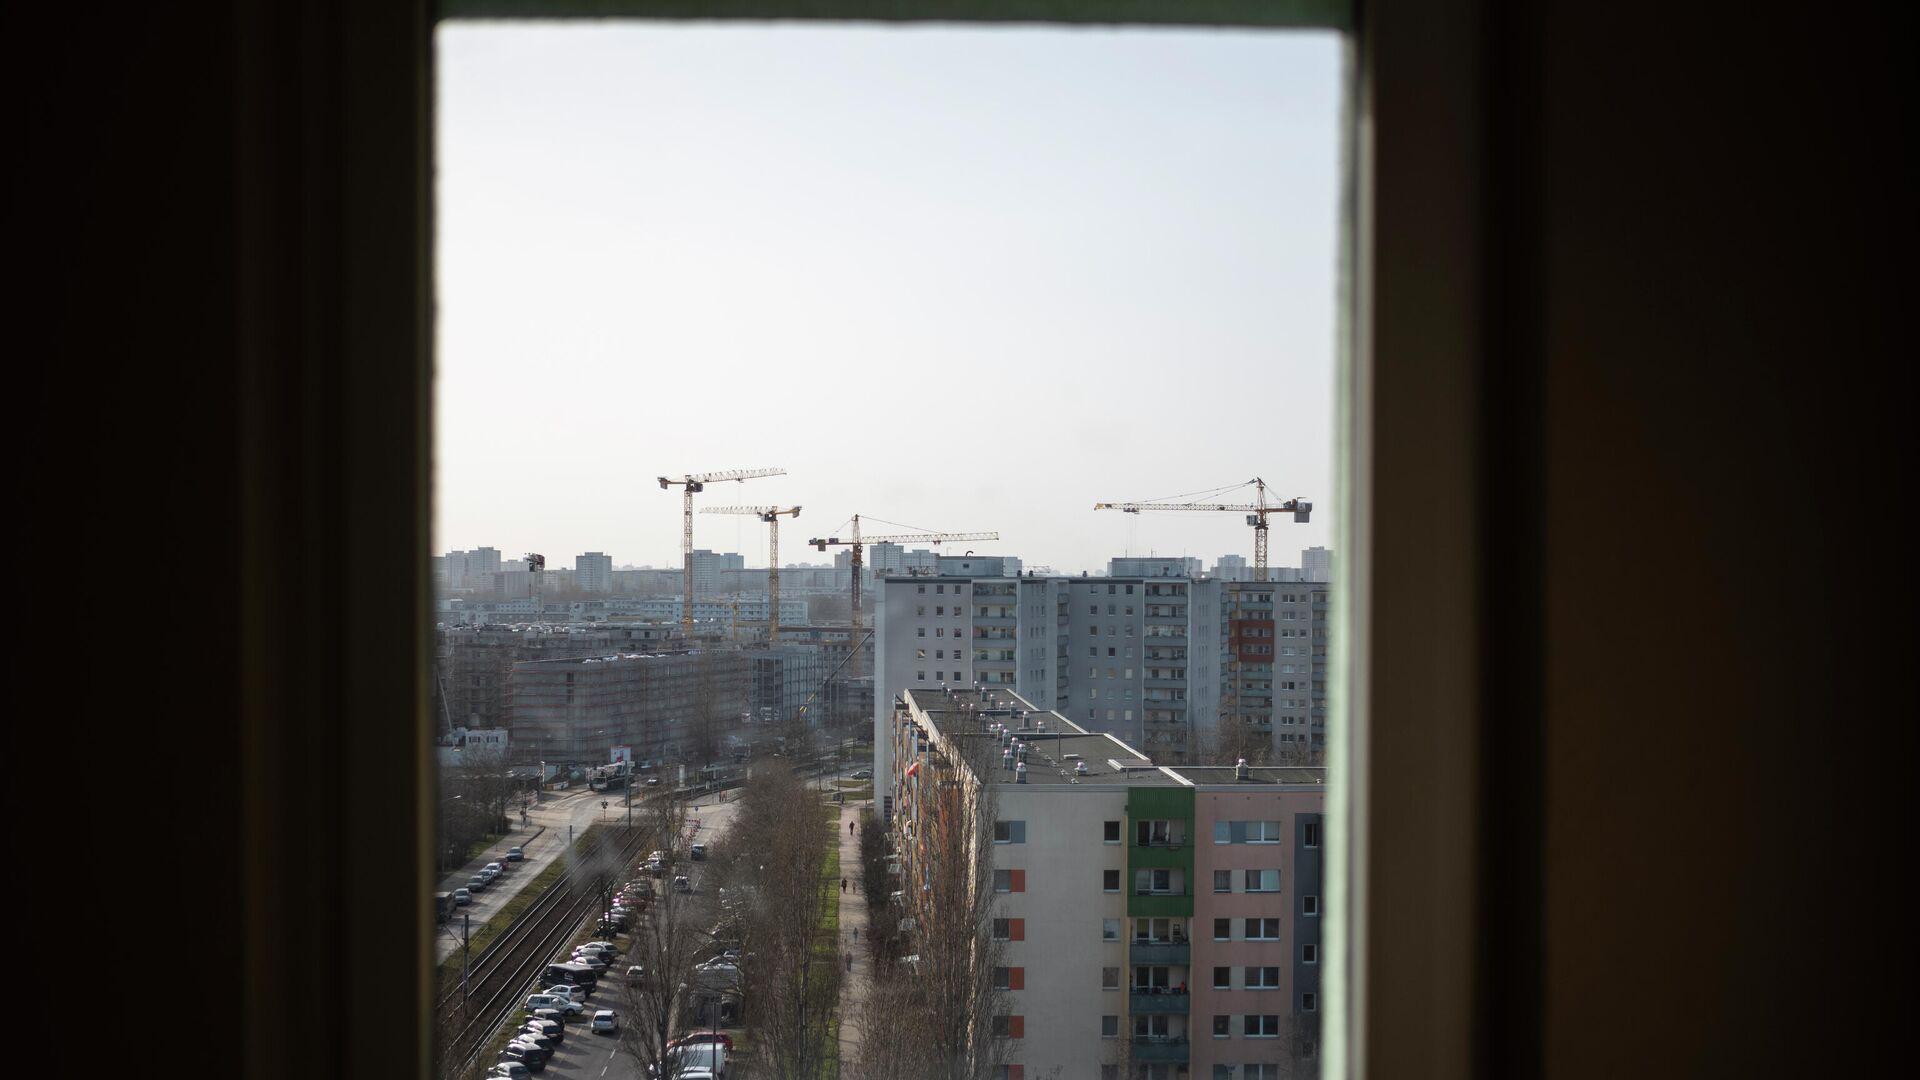 Blick aus dem Fenster auf den Bau in Berlin (Archiv) - SNA, 1920, 08.07.2021